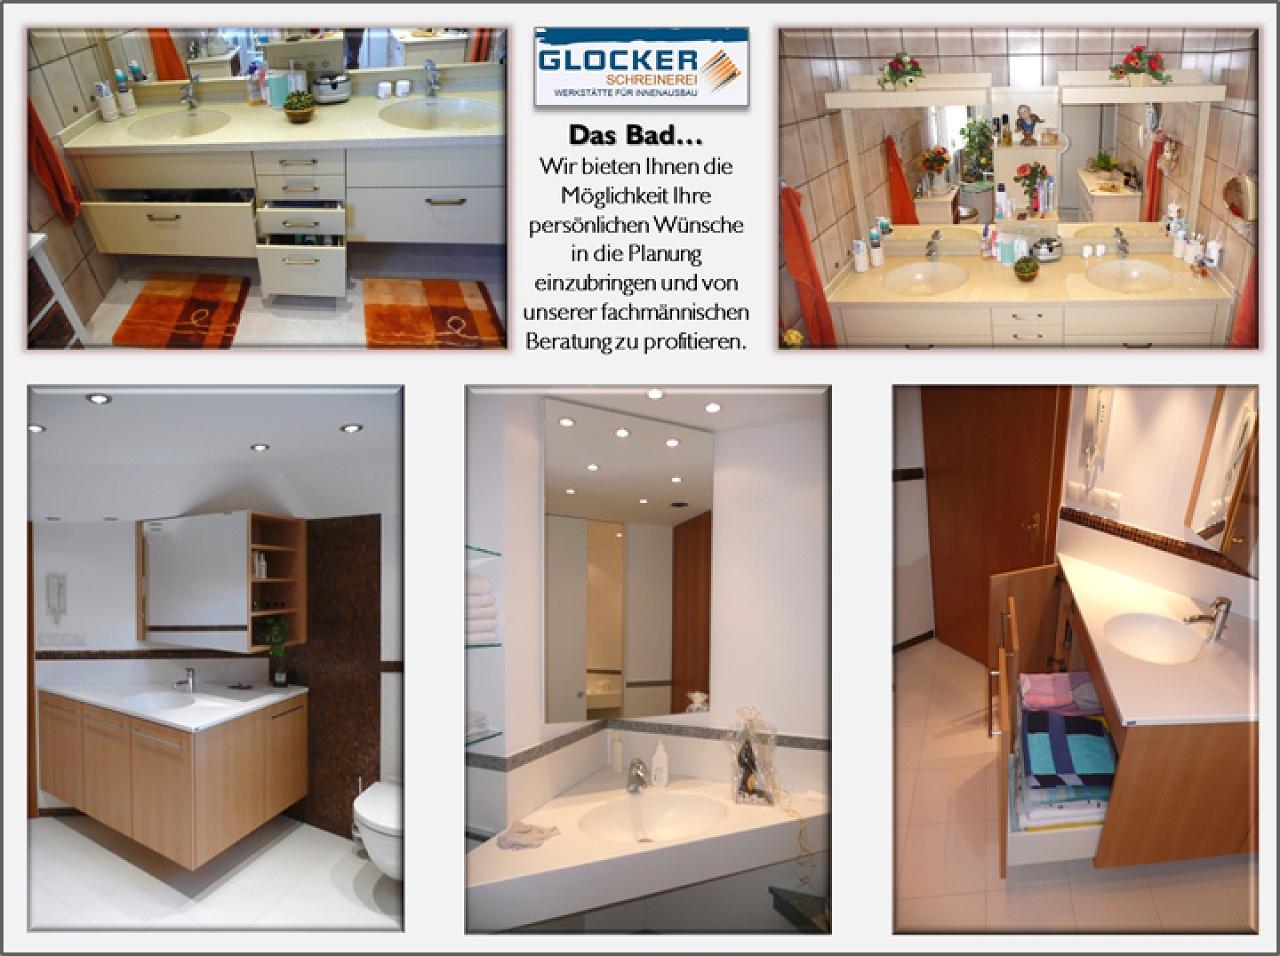 badezimmer bauen ausbau bad bauen planen bad. Black Bedroom Furniture Sets. Home Design Ideas